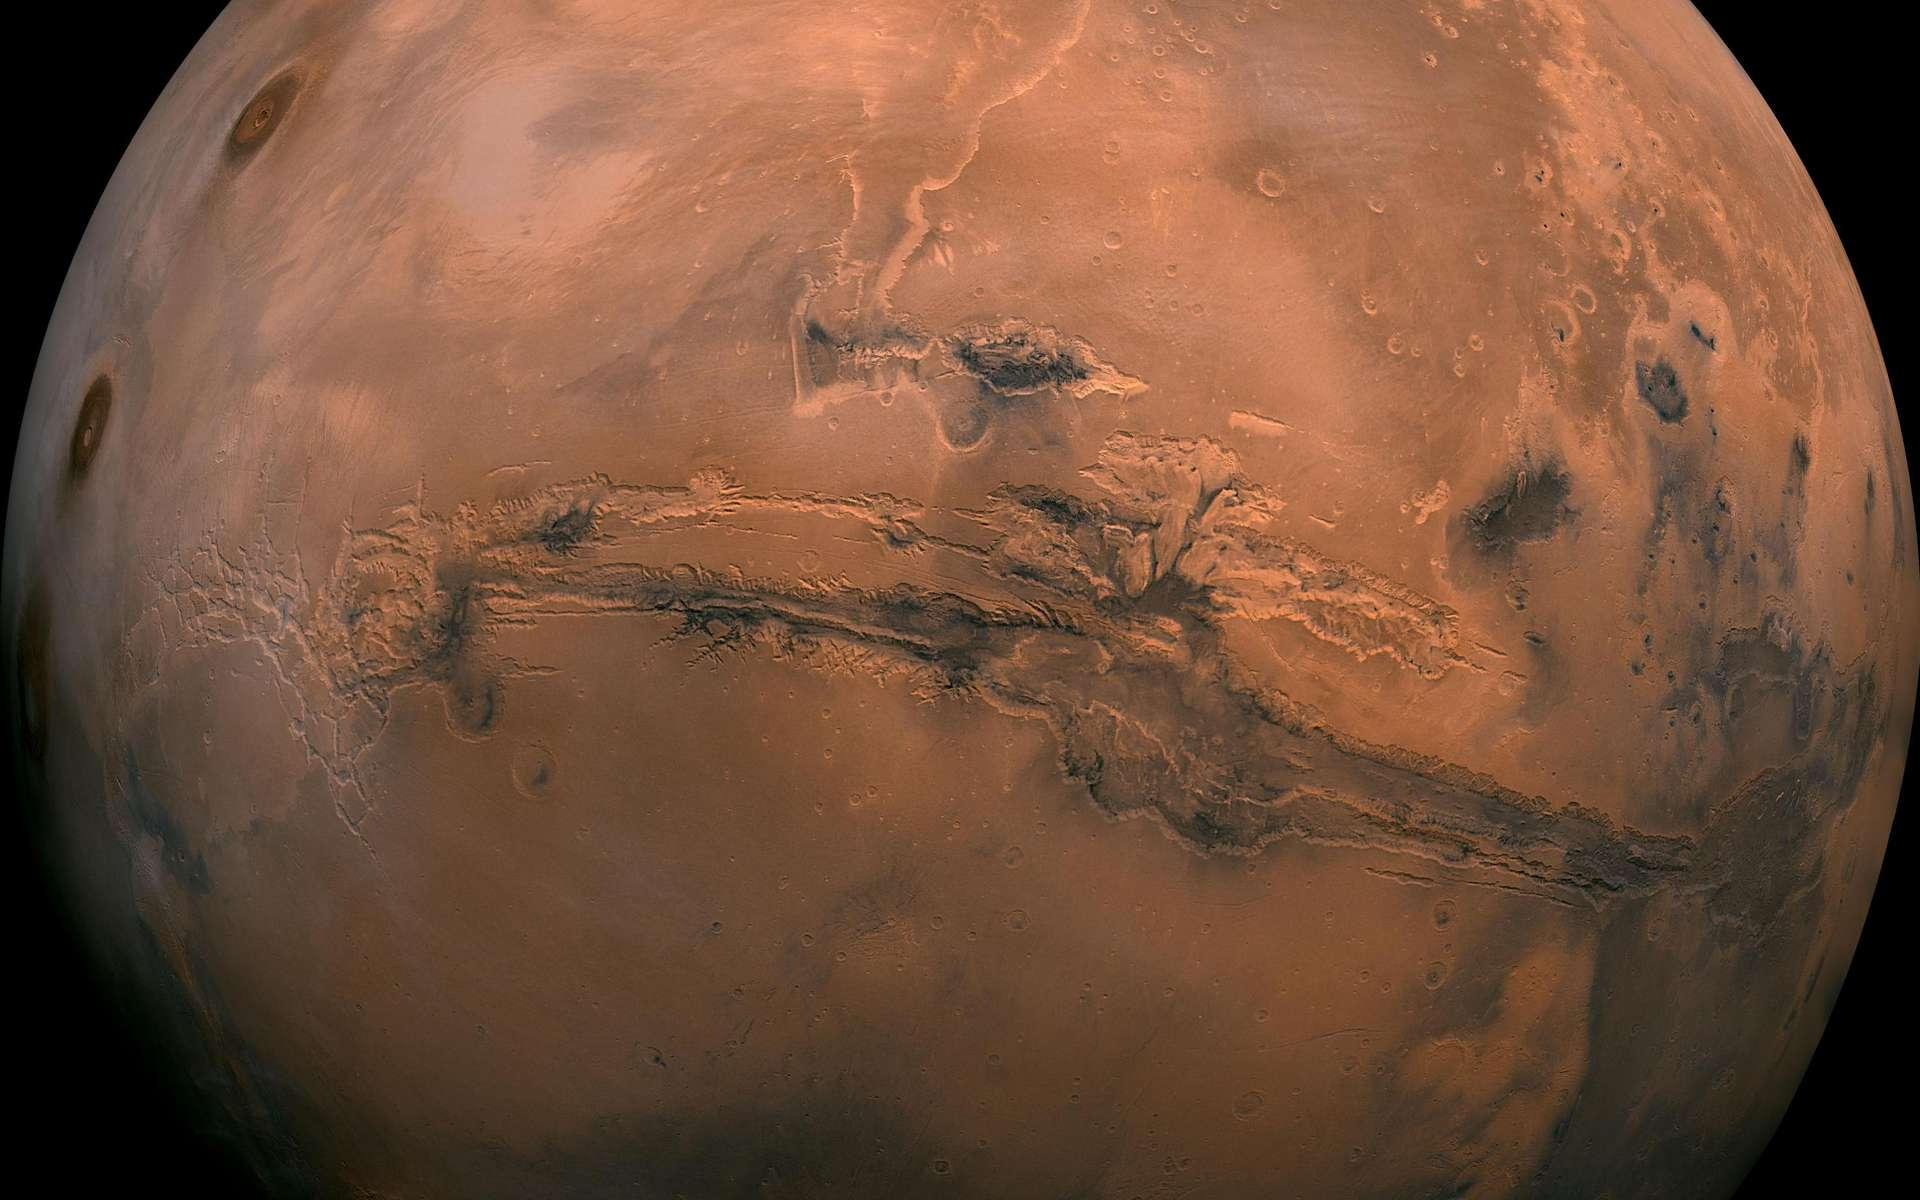 Une vue de la surface de Mars avec son fameux canyon, Valles Marineris. © Nasa-Caltech